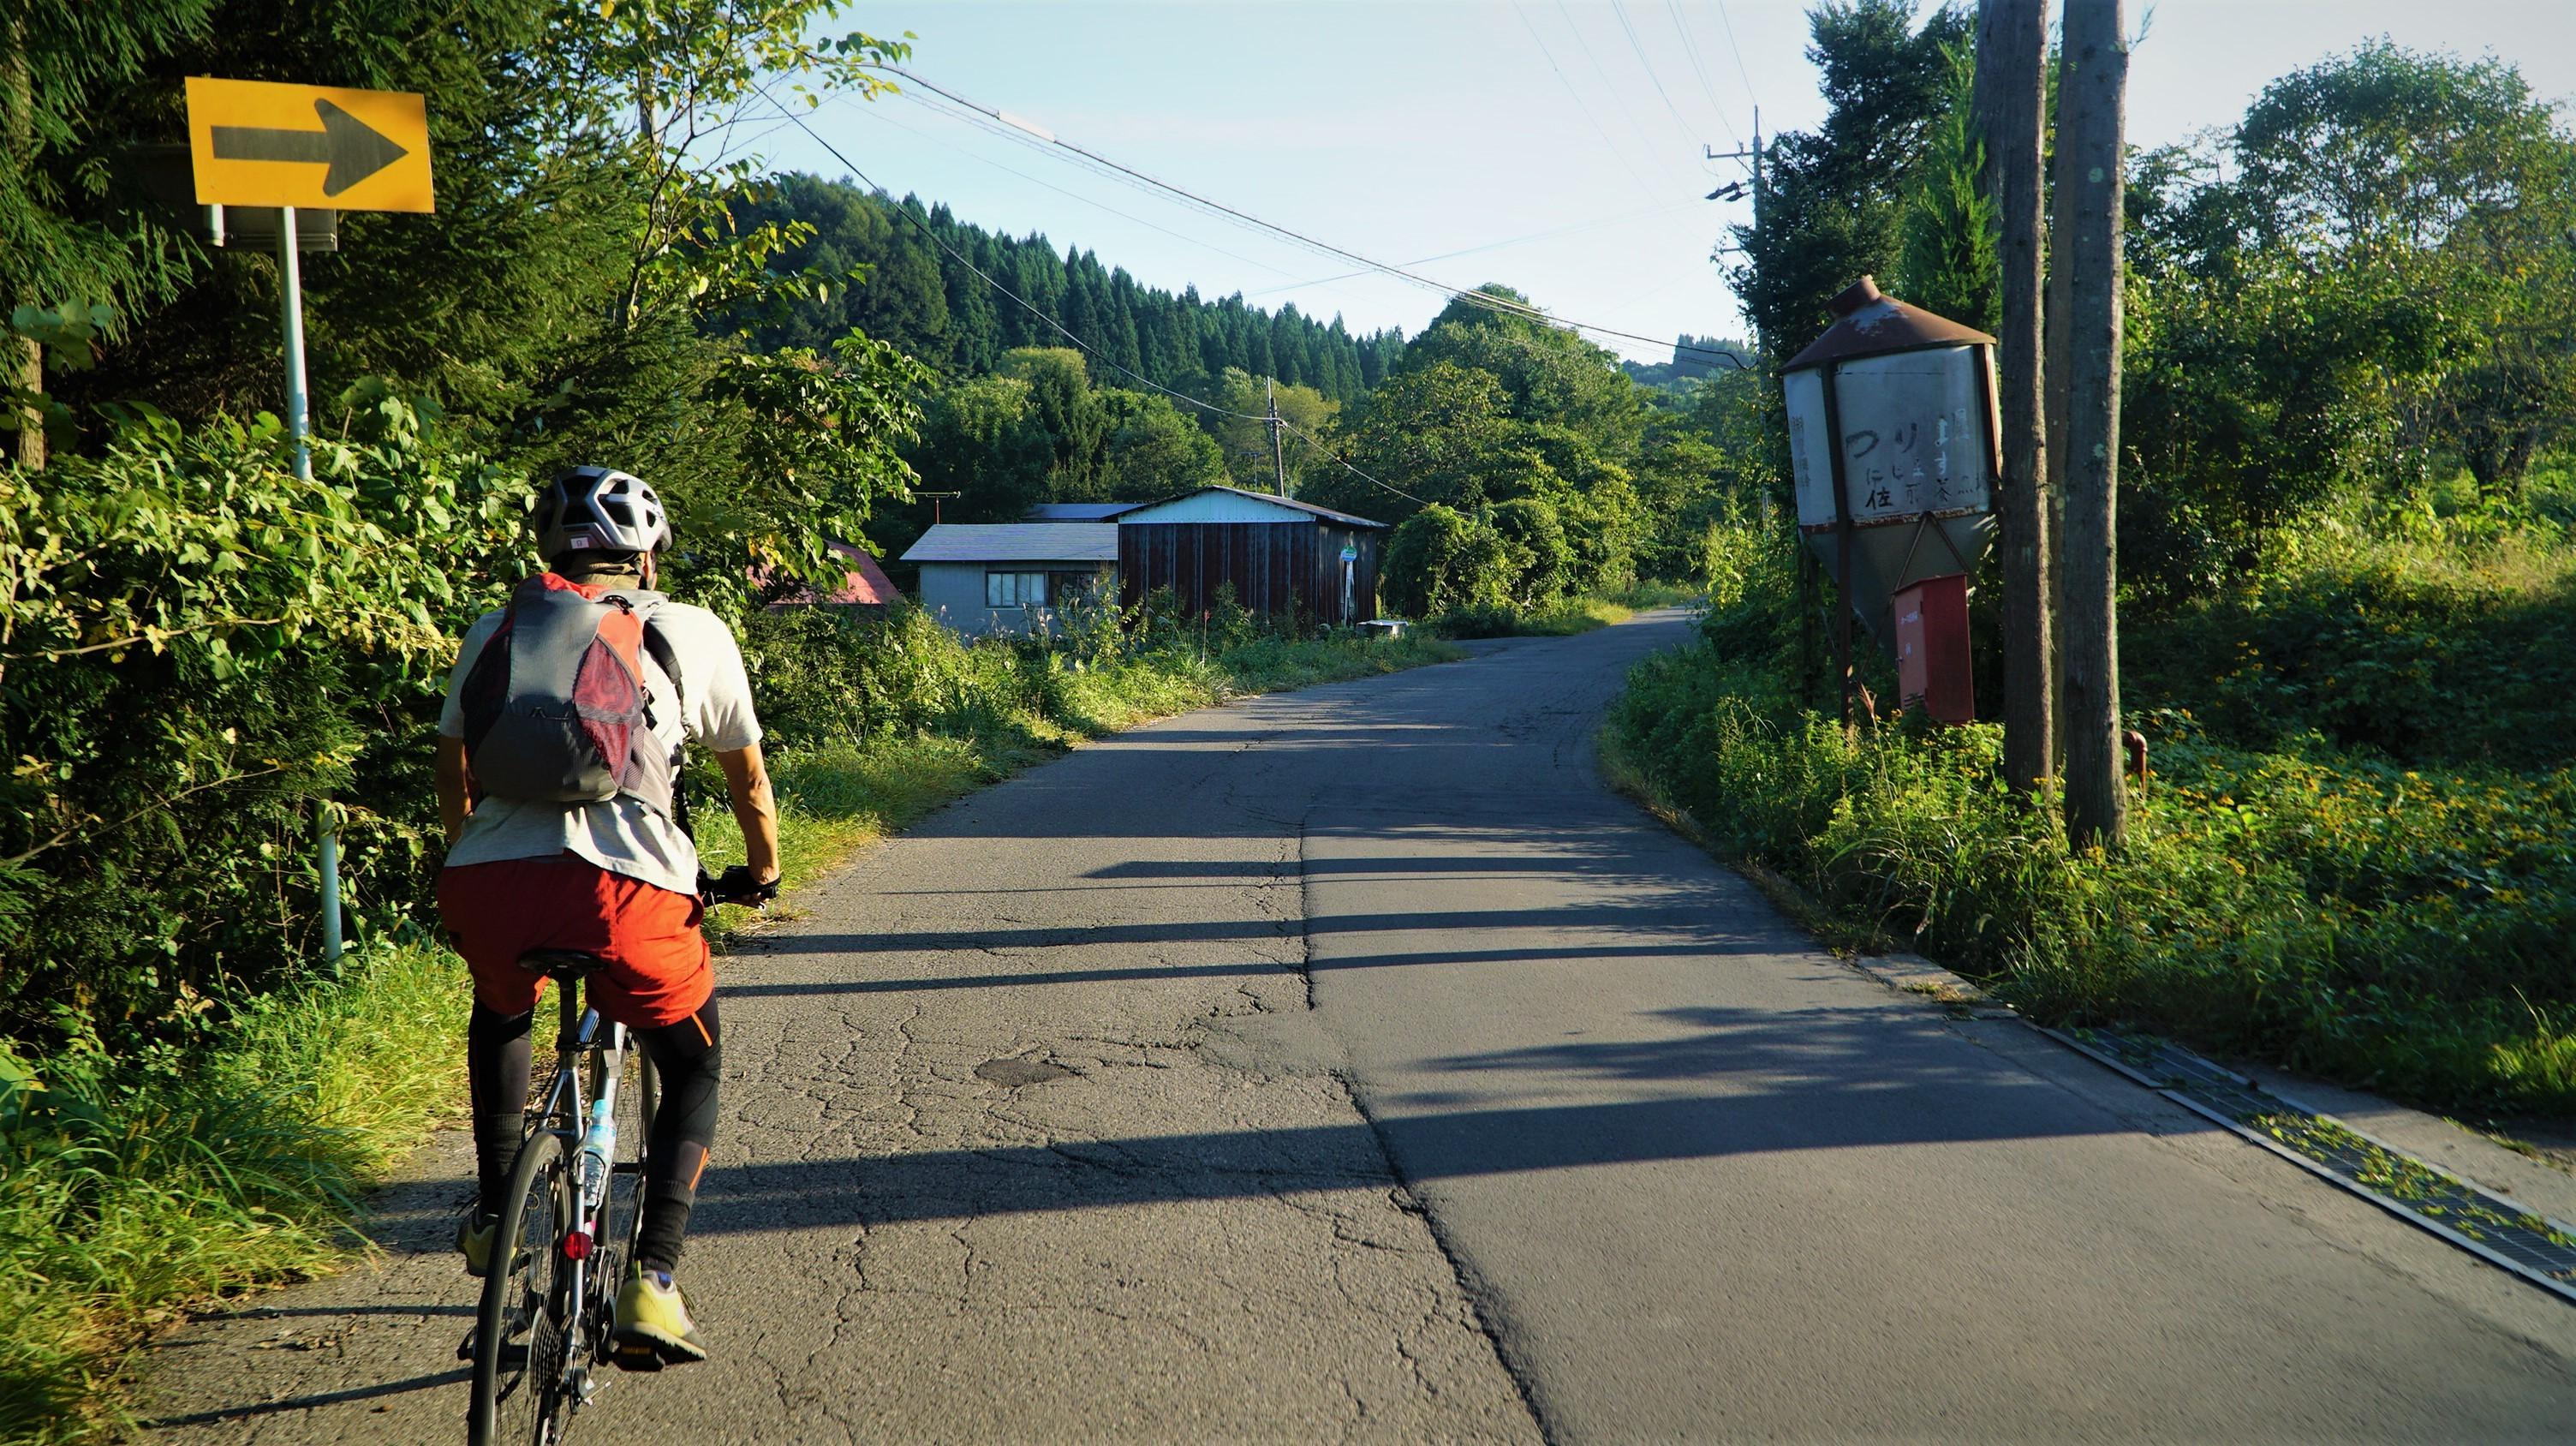 入境隨俗,遵守自転車安全利用五則,預祝大家都能平安玩騎。攝於新瀉縣鄉間的單車秘徑。